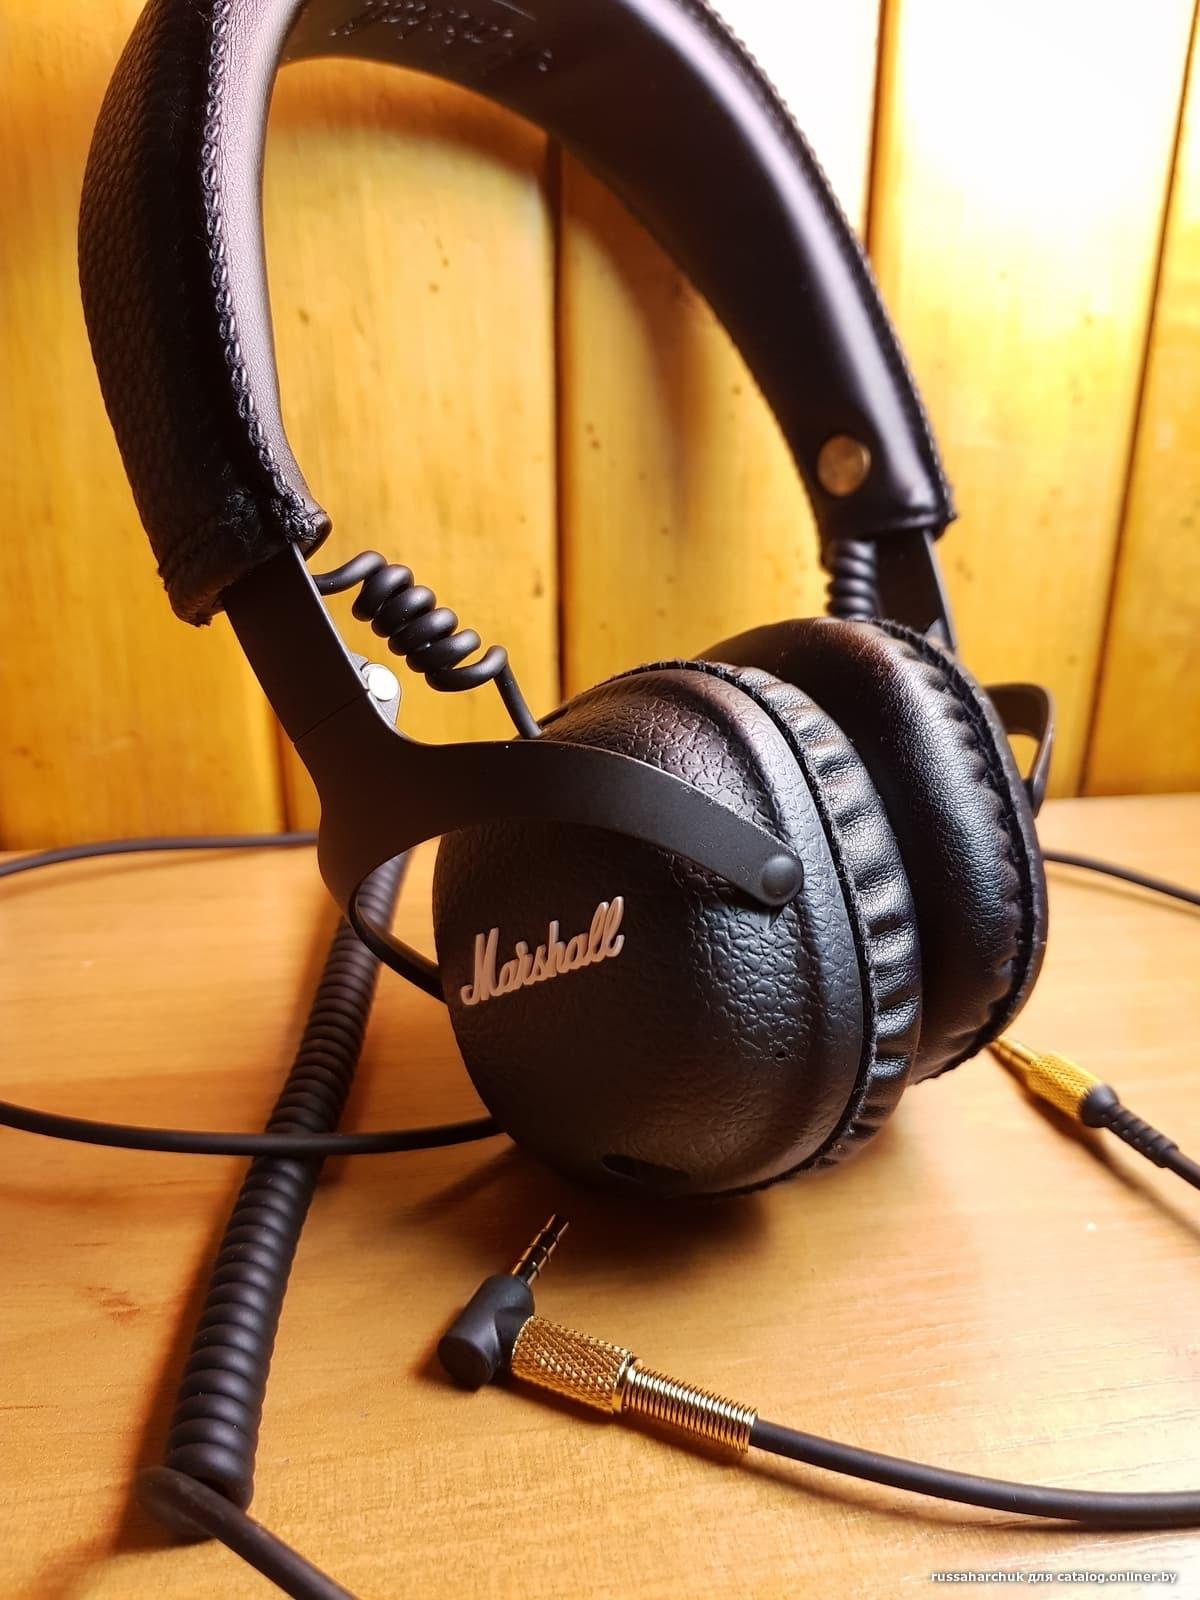 1817a5aaca5e59 Идеальный звук для тяжелой музыки, емкая батарея, соединение aptX,  материалы и сборка, дизайн, стоили каждой копейки (купил за 355 р.).